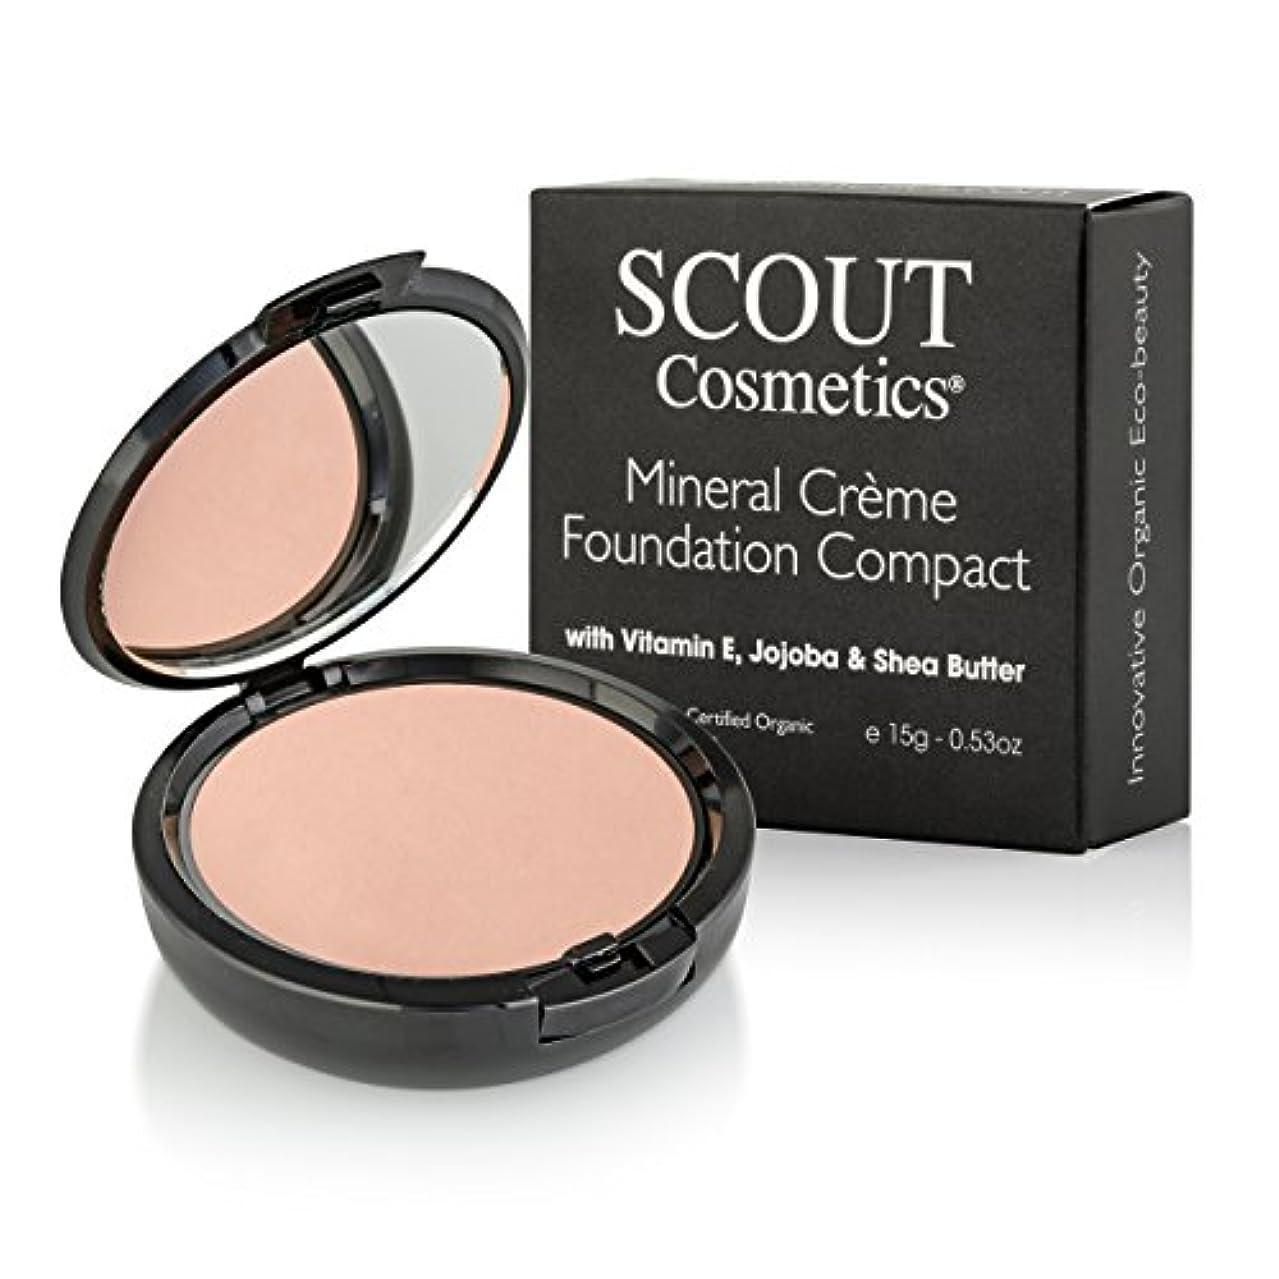 昆虫前任者応答SCOUT Cosmetics Mineral Creme Foundation Compact SPF 15 - # Shell 15g/0.53oz並行輸入品